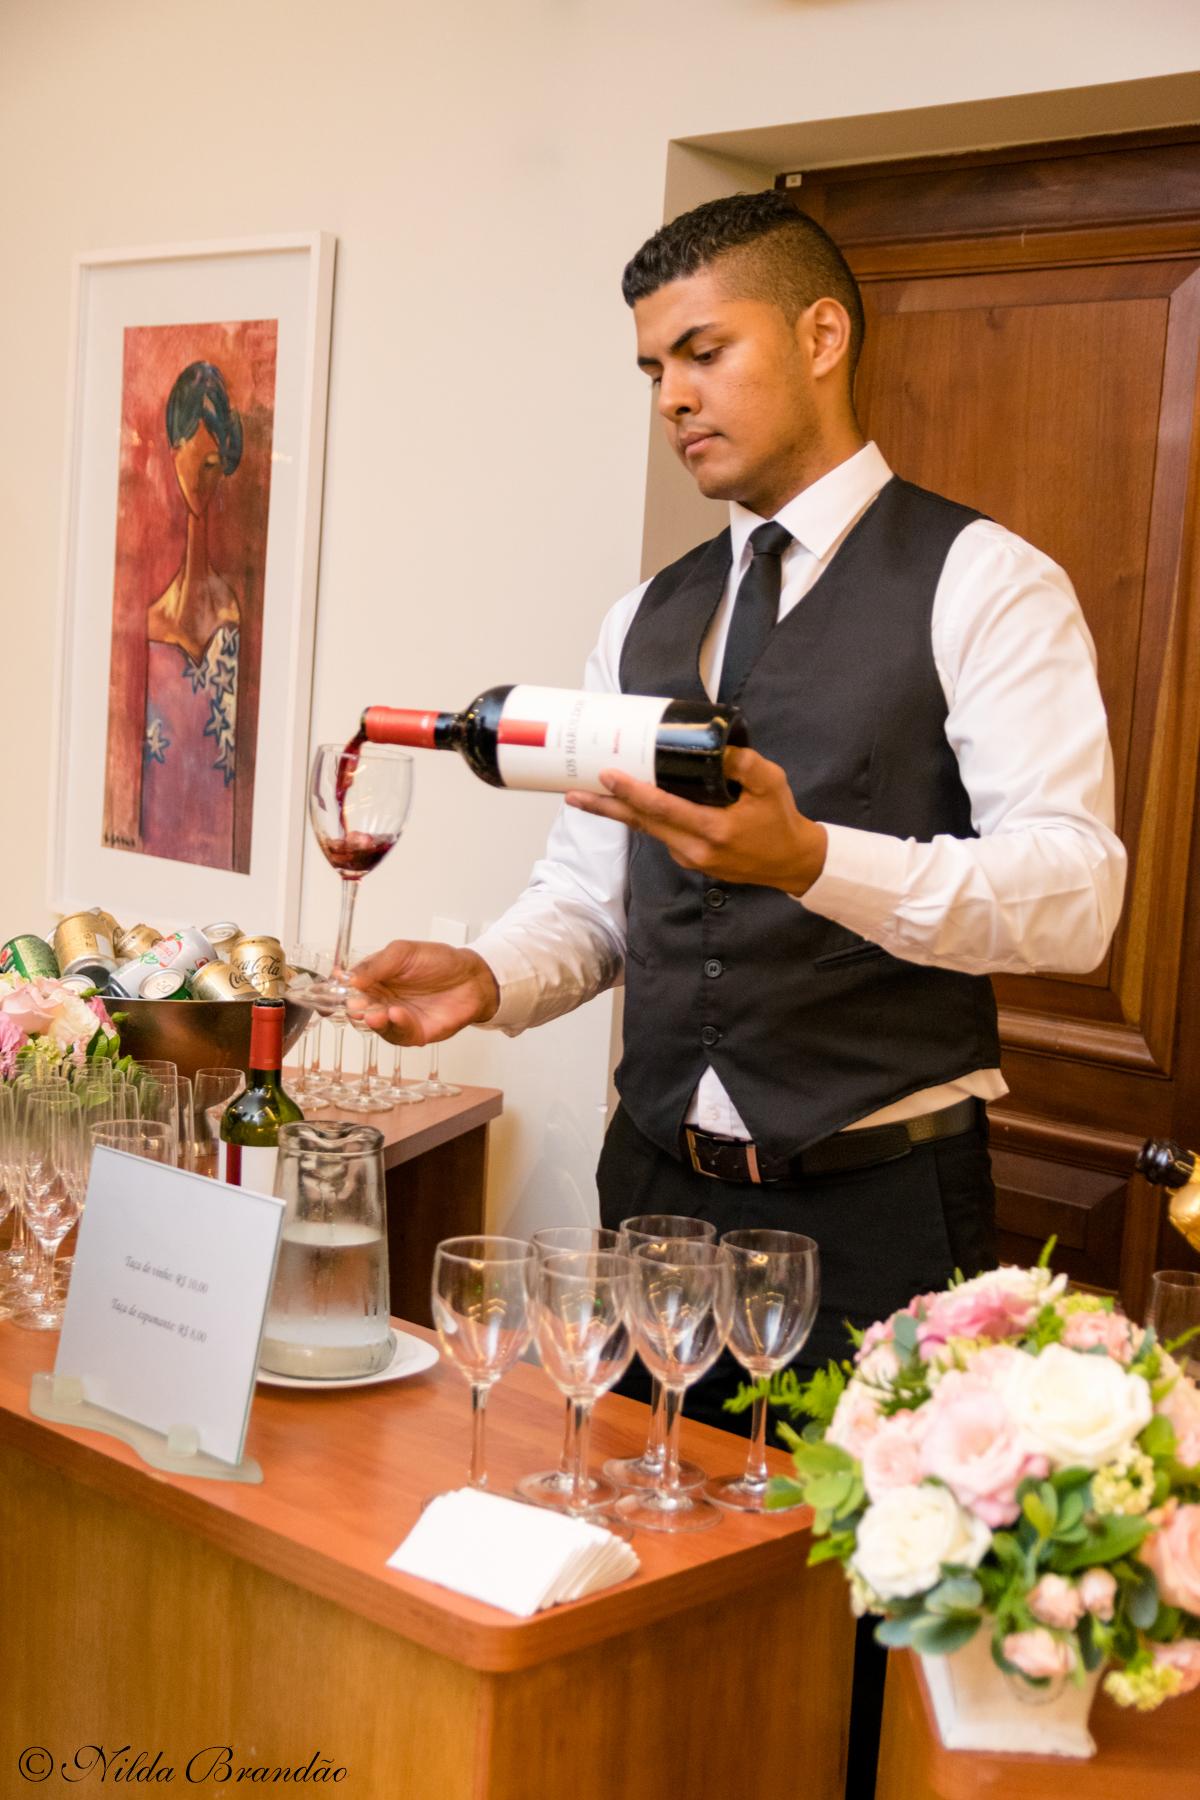 Garçon serve vinho